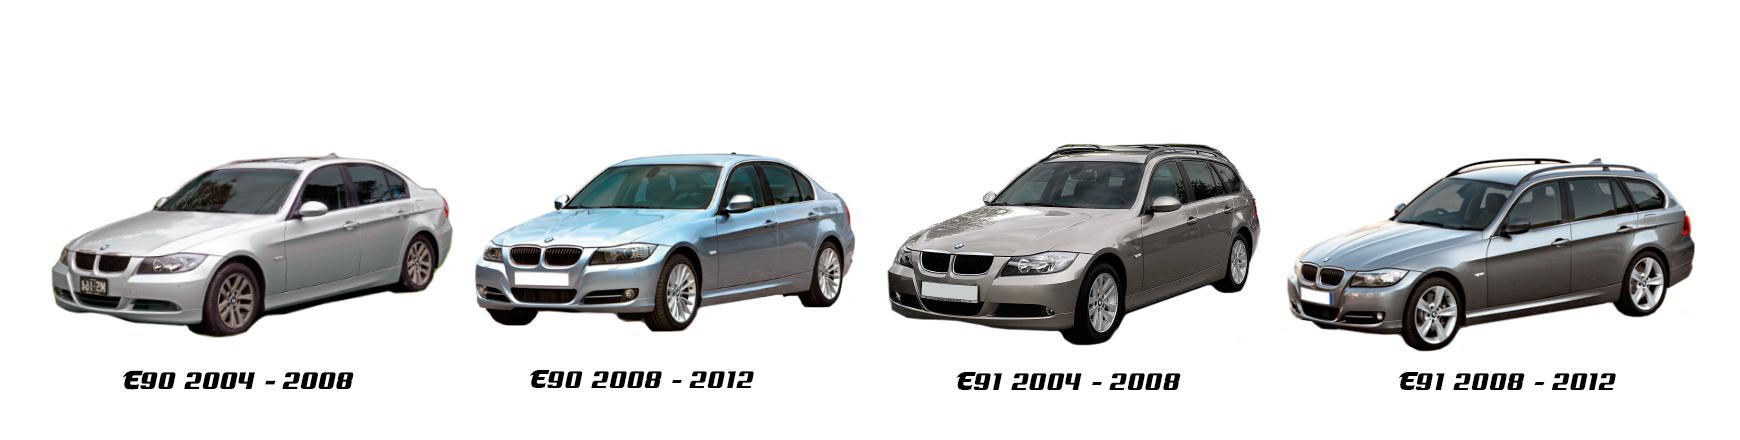 BMW Serie 3 E90 de 2005 a 2009. Recambios económicos para coche.